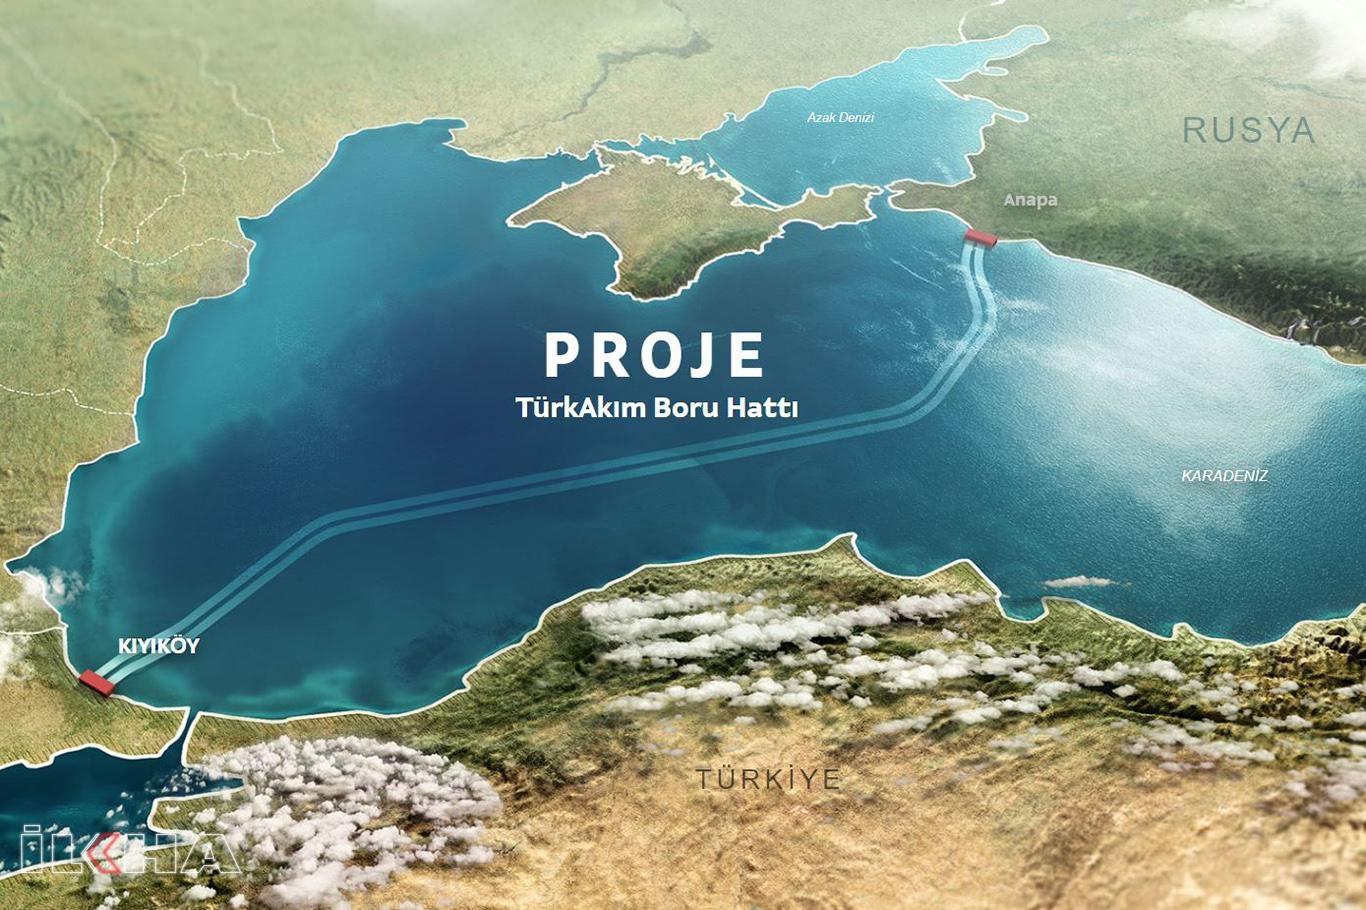 Rusyadan ilk gazın yıl sonunda Türkiyeye gönderilmesi hedefleniyor.